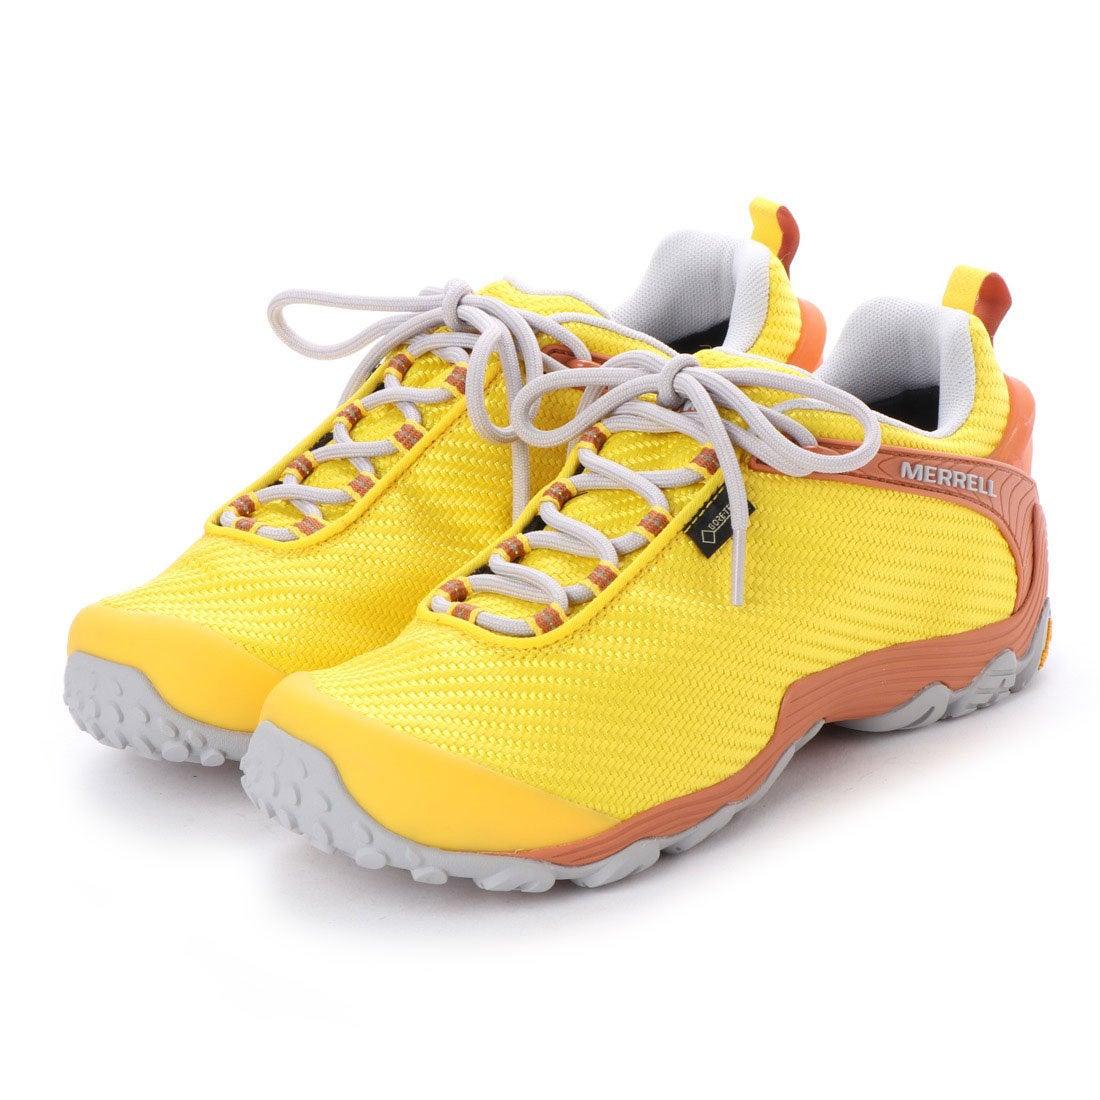 ロコンド 靴とファッションの通販サイトメレル MERRELL メンズ シューズ 靴 CHAMELEON 7 STORM GORE-TEX J36479